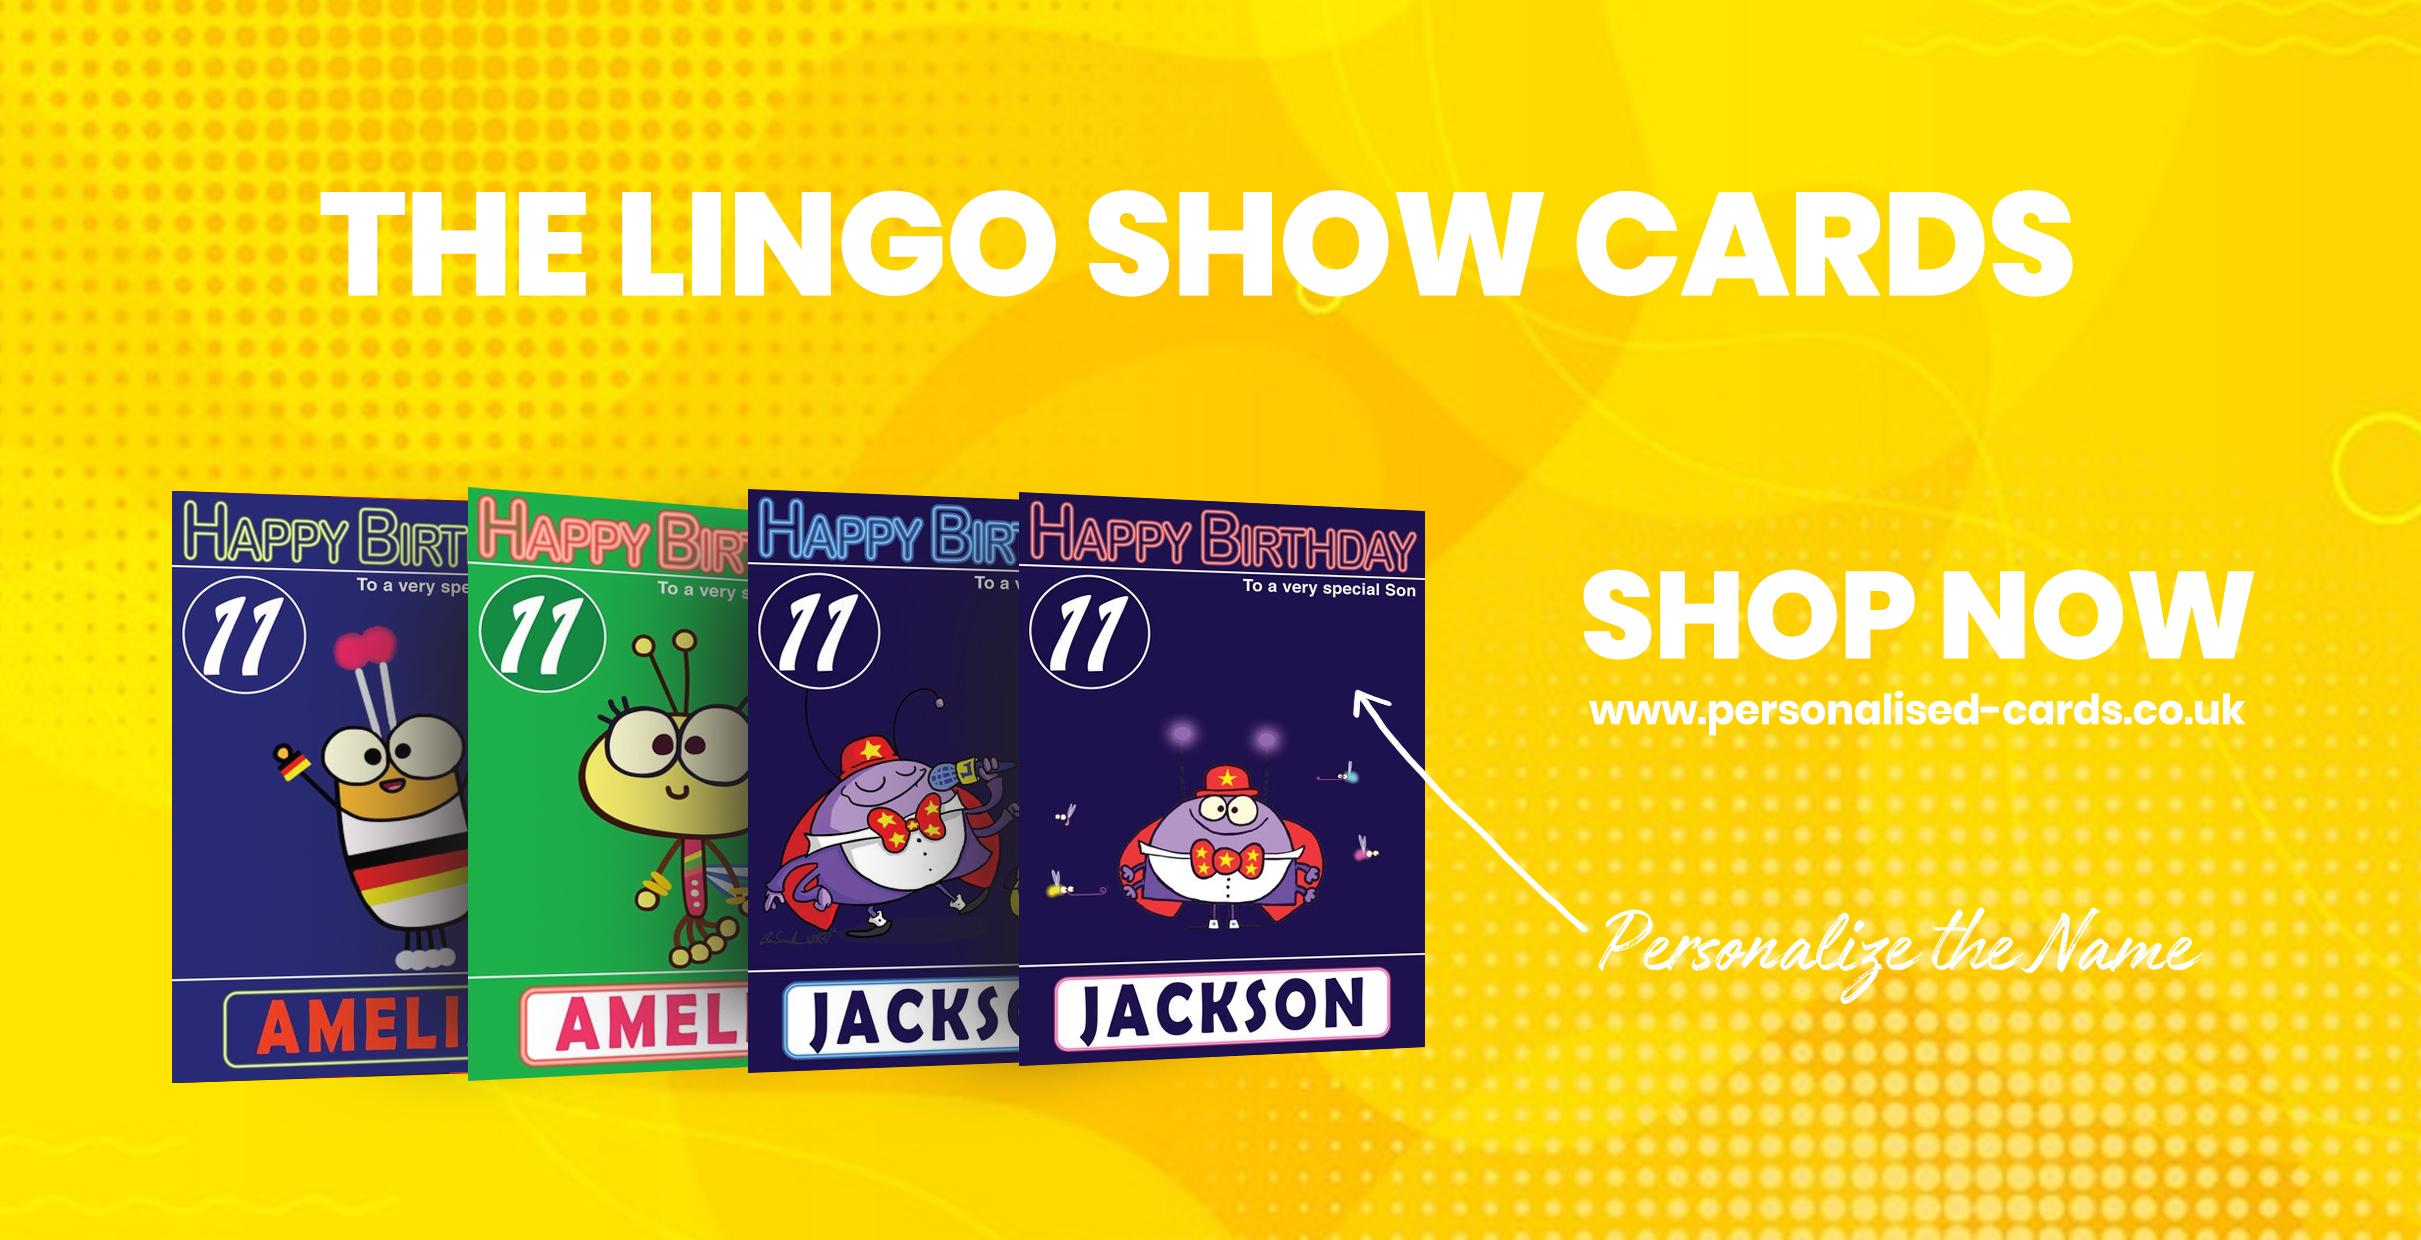 the-lingo-show-cards.jpg